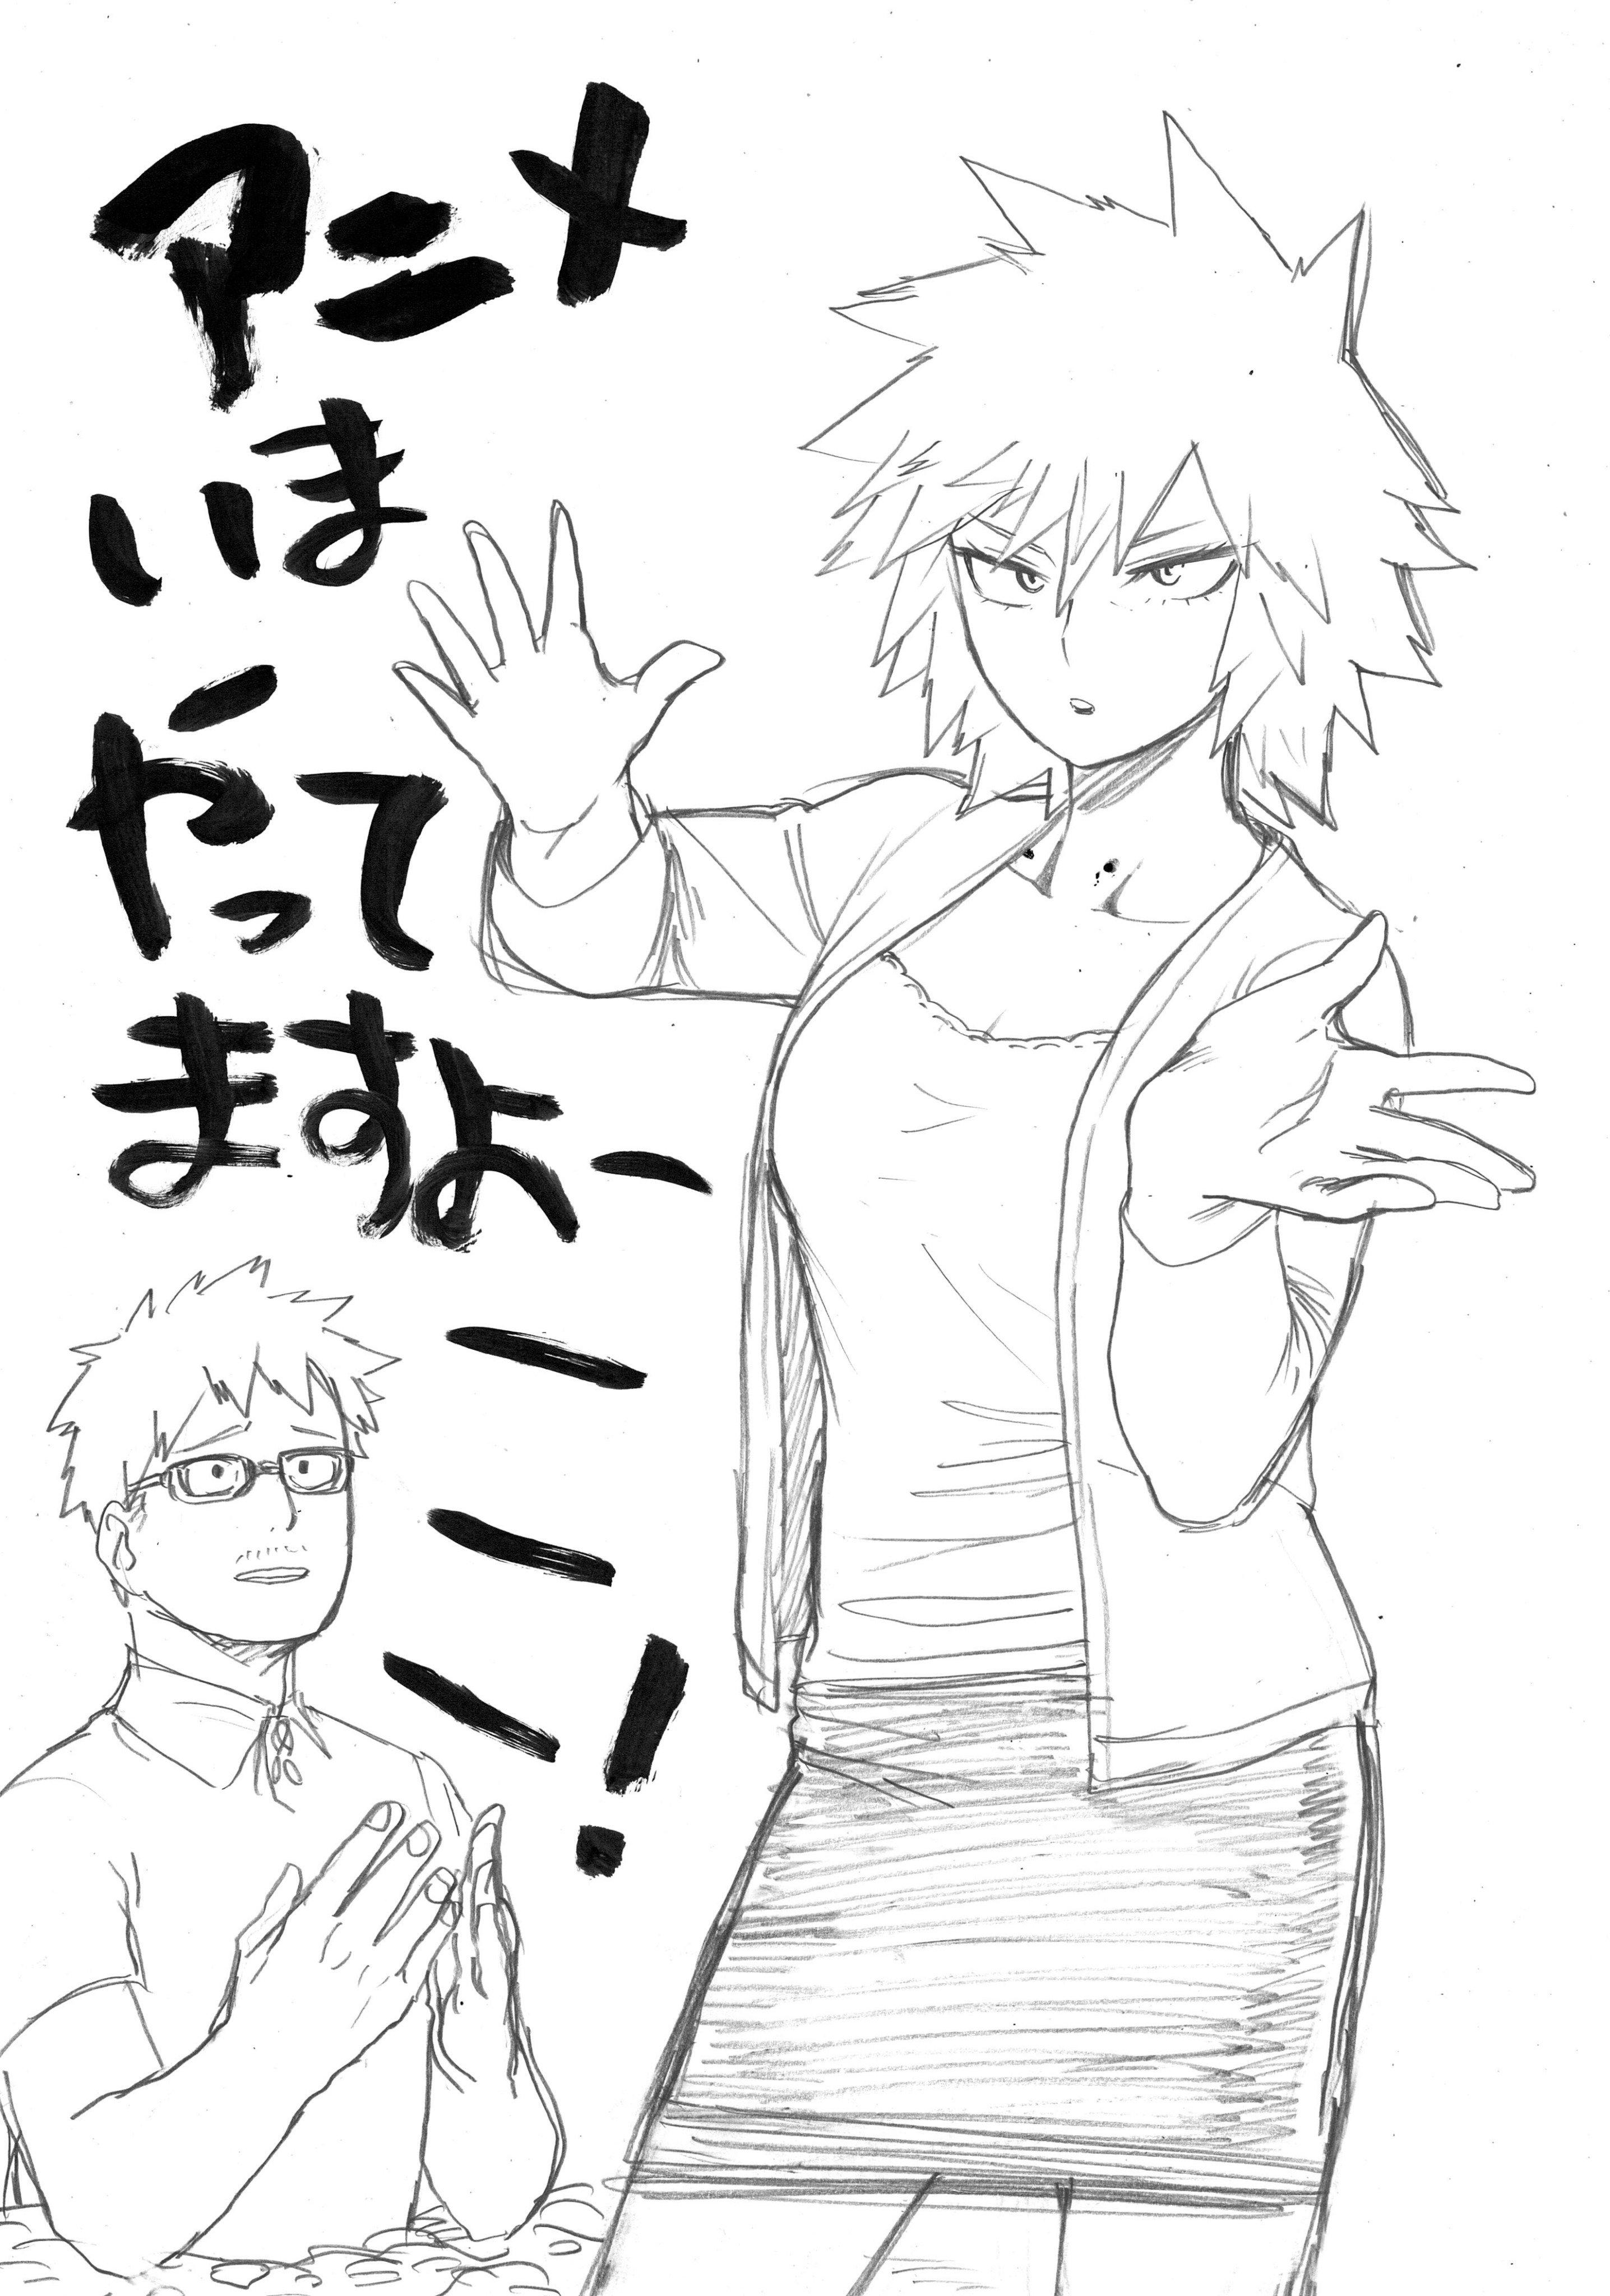 Episode 50 Sketch